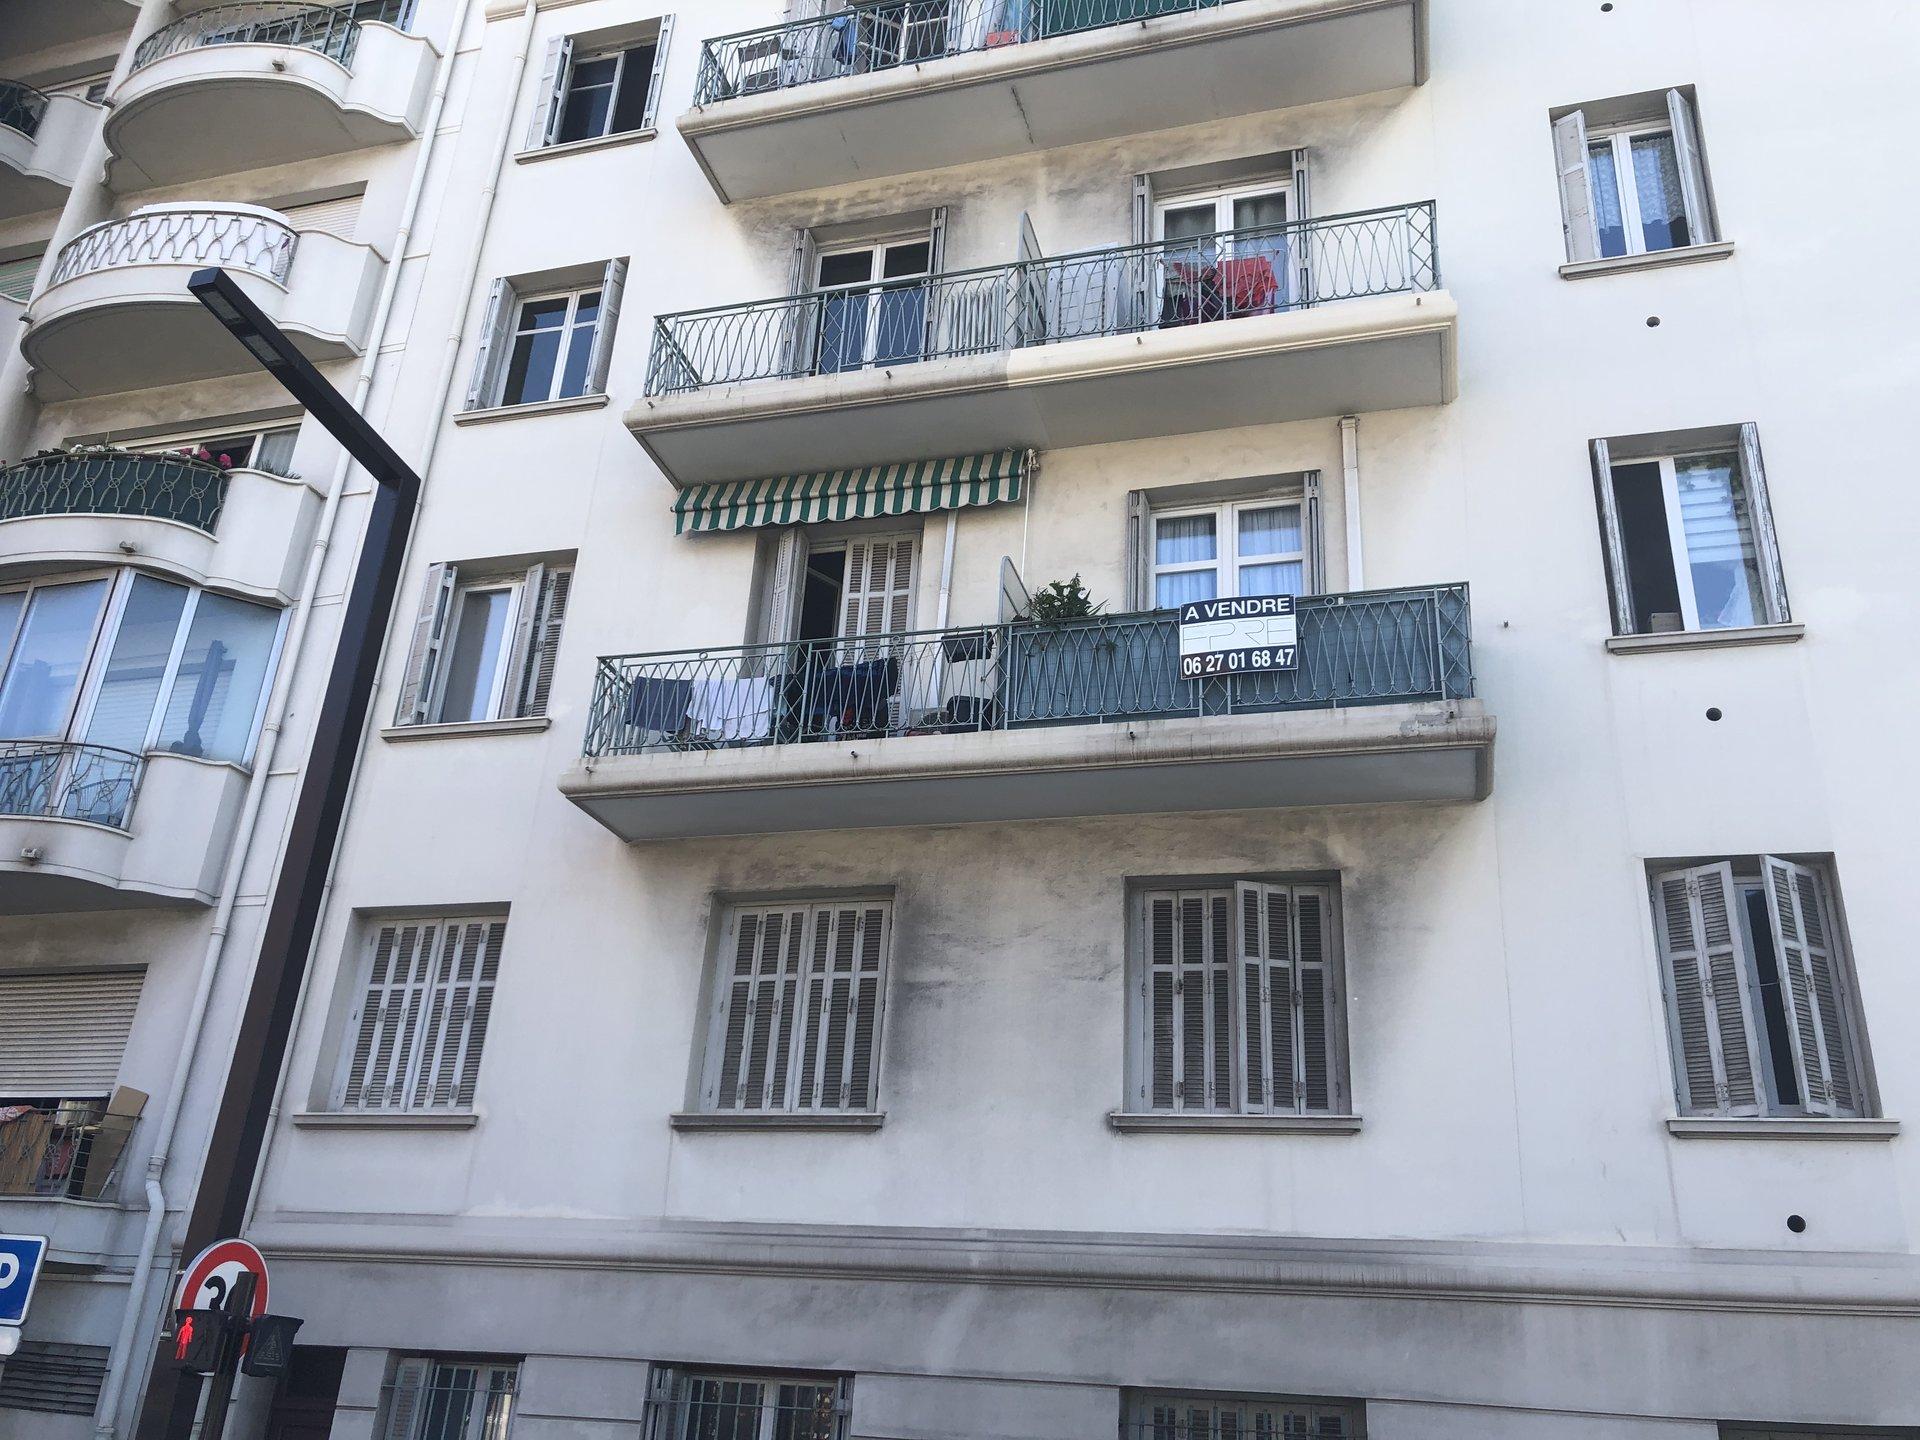 A vendre appartement 2 pièces